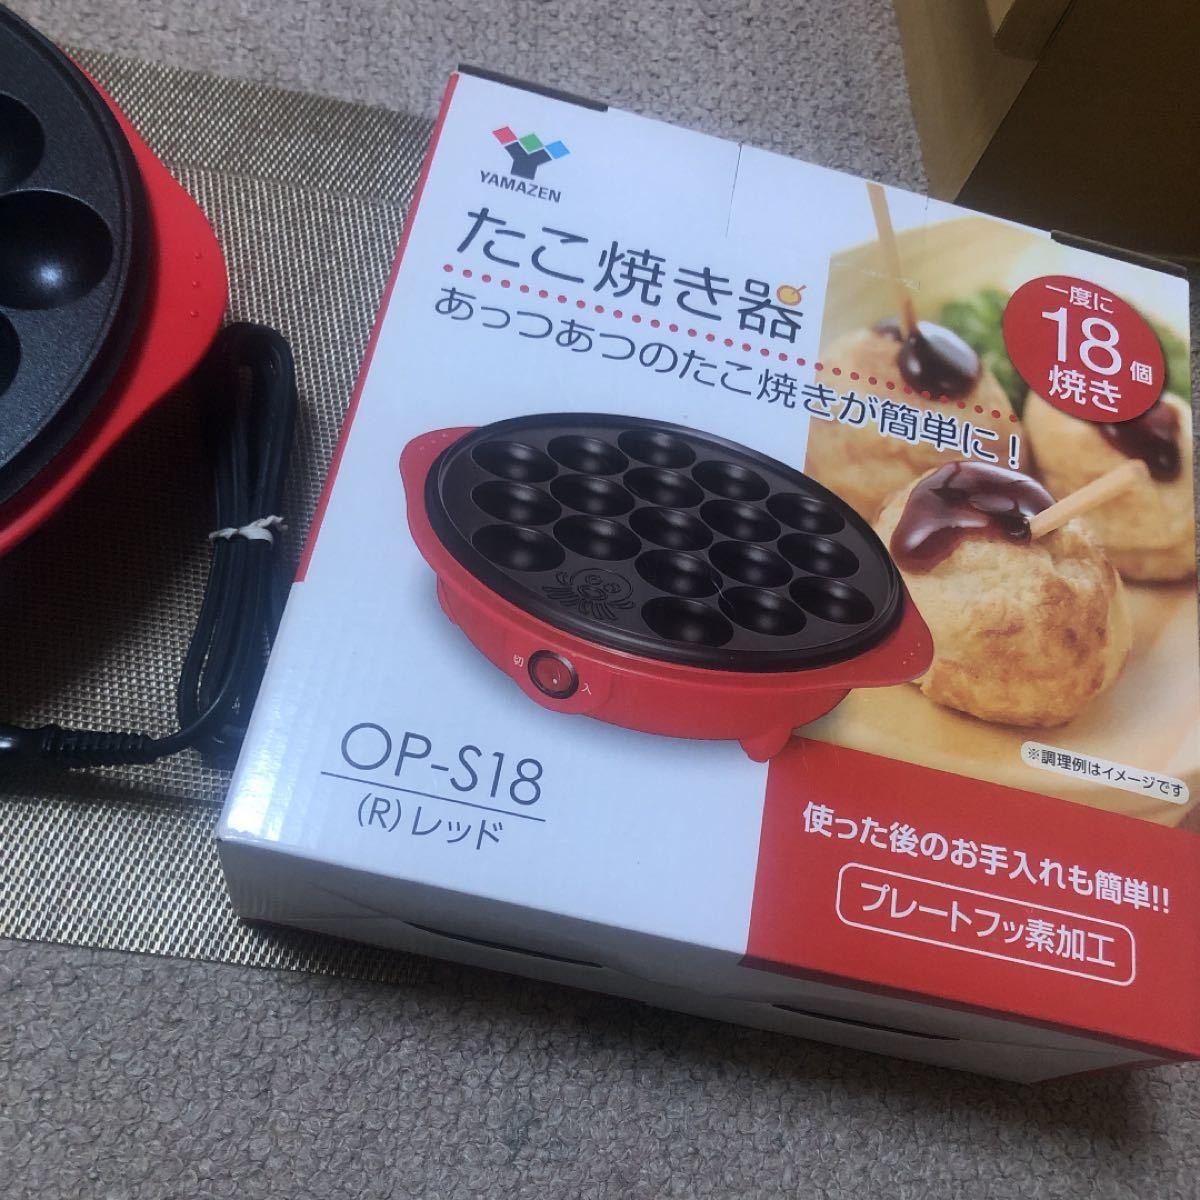 たこ焼き器 18個焼 YAMAZEN OP-S18 レッド色 一回だけ使用しました